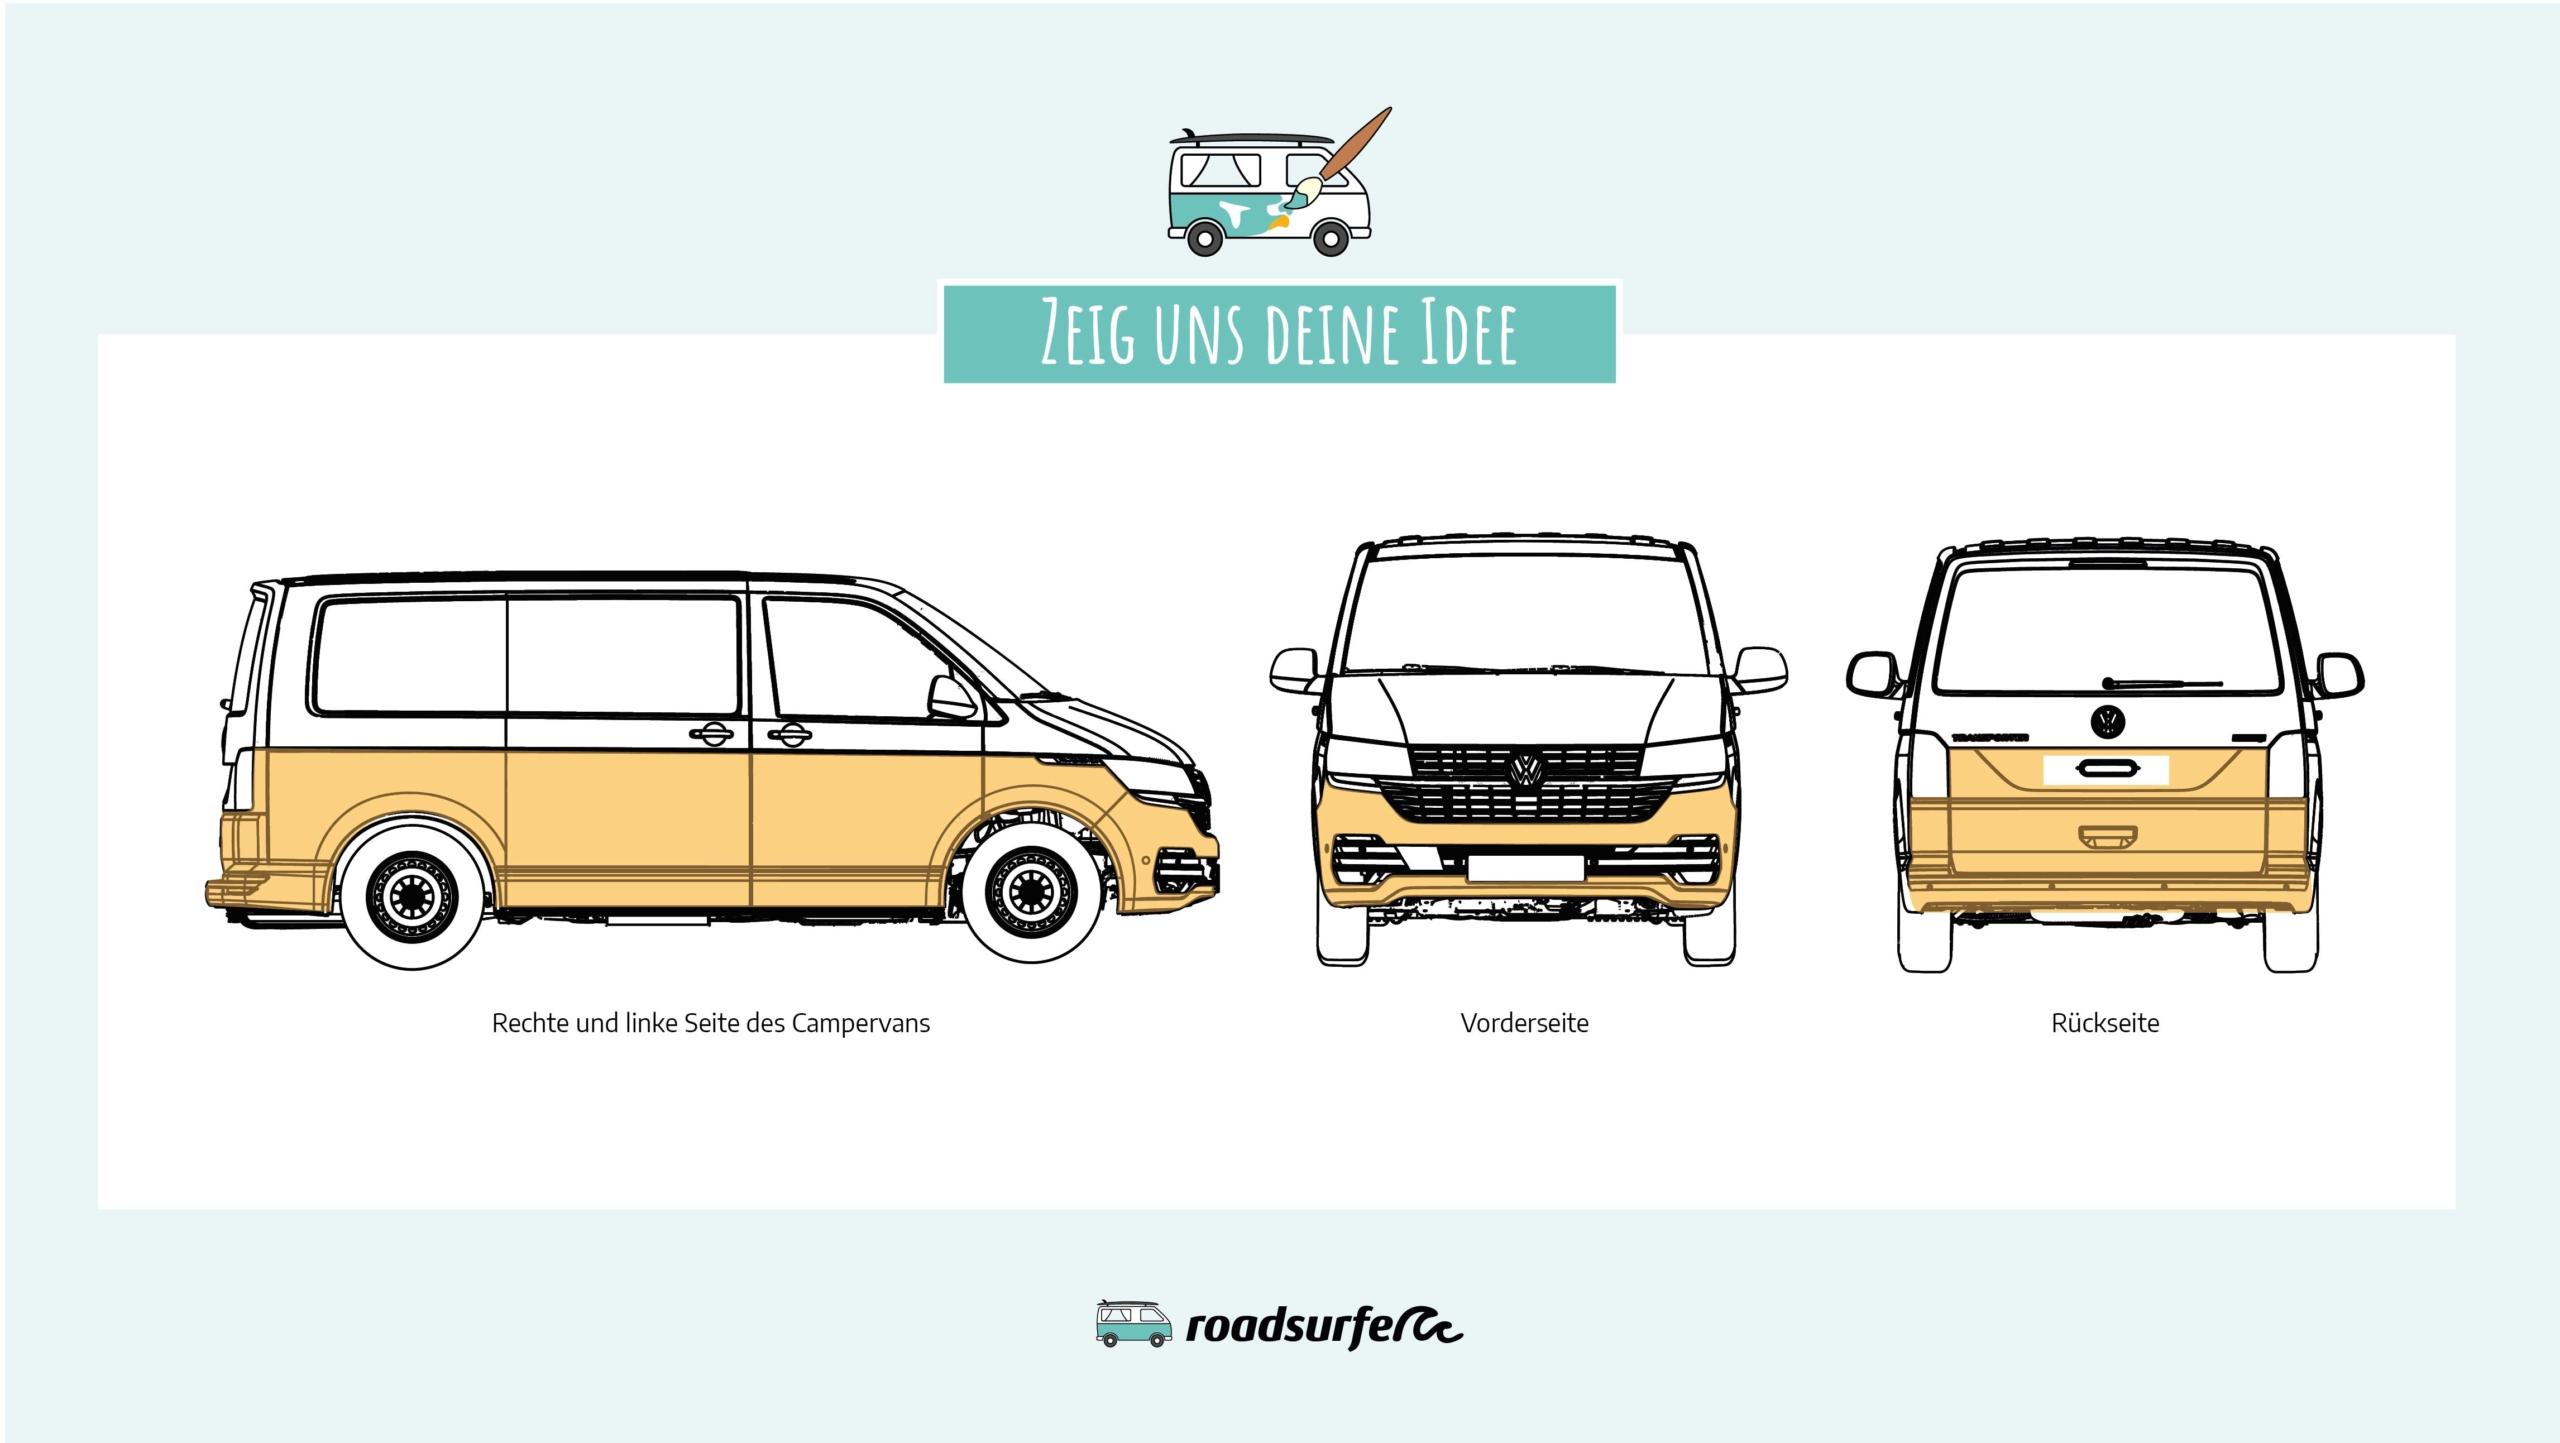 roadsurfer STAEDTLER Design Wettbewerb